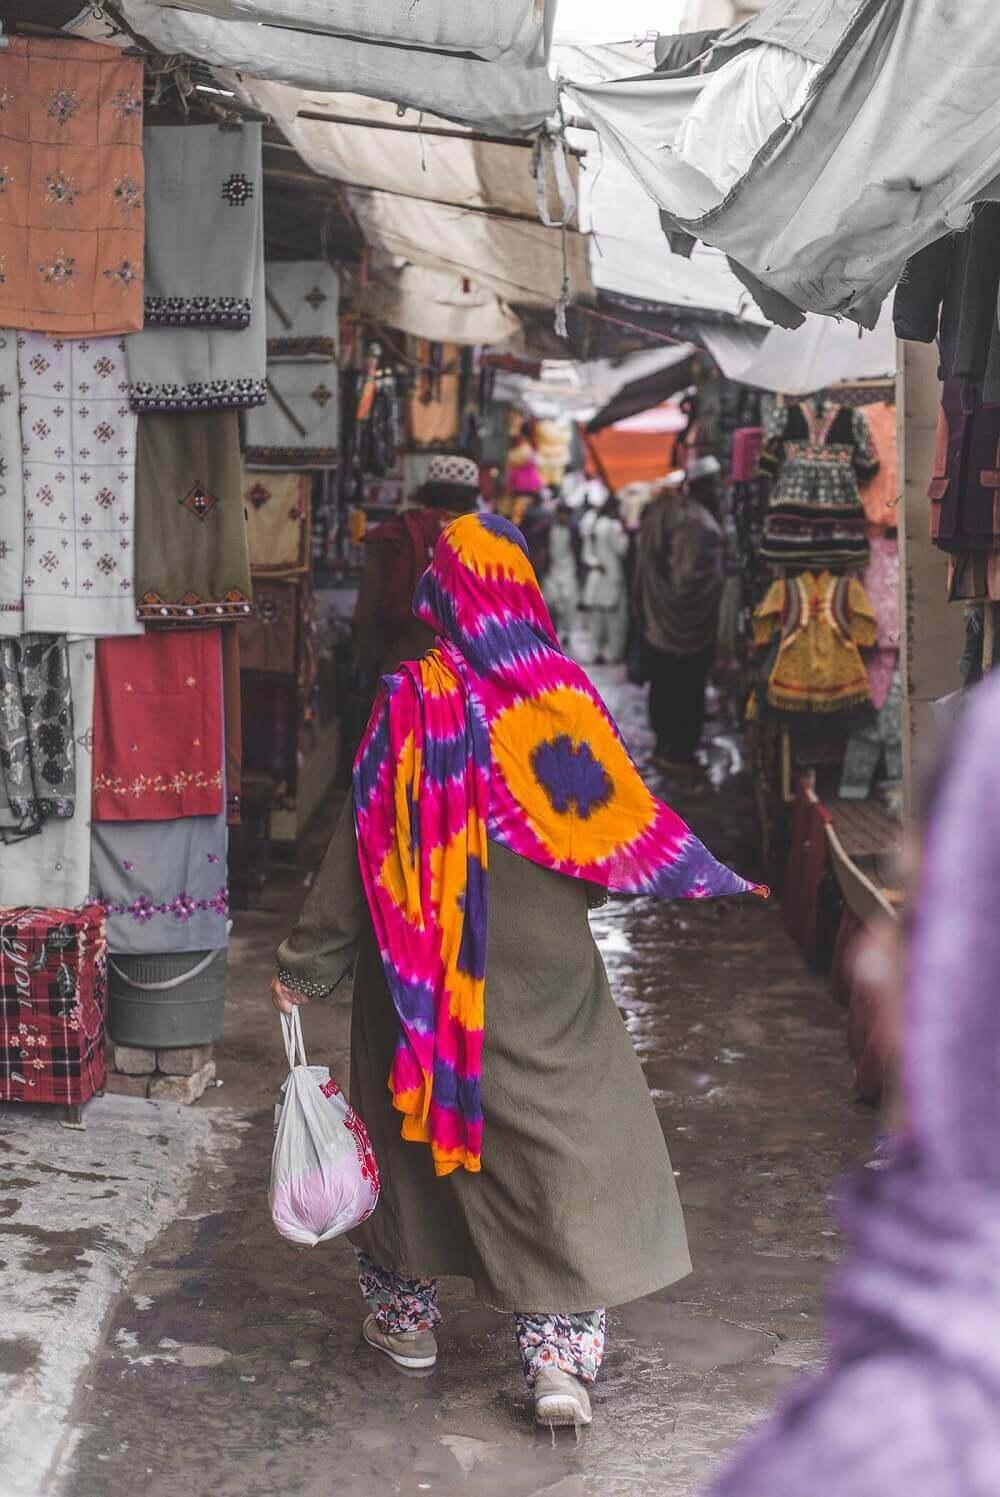 фото из жизни Пакистана